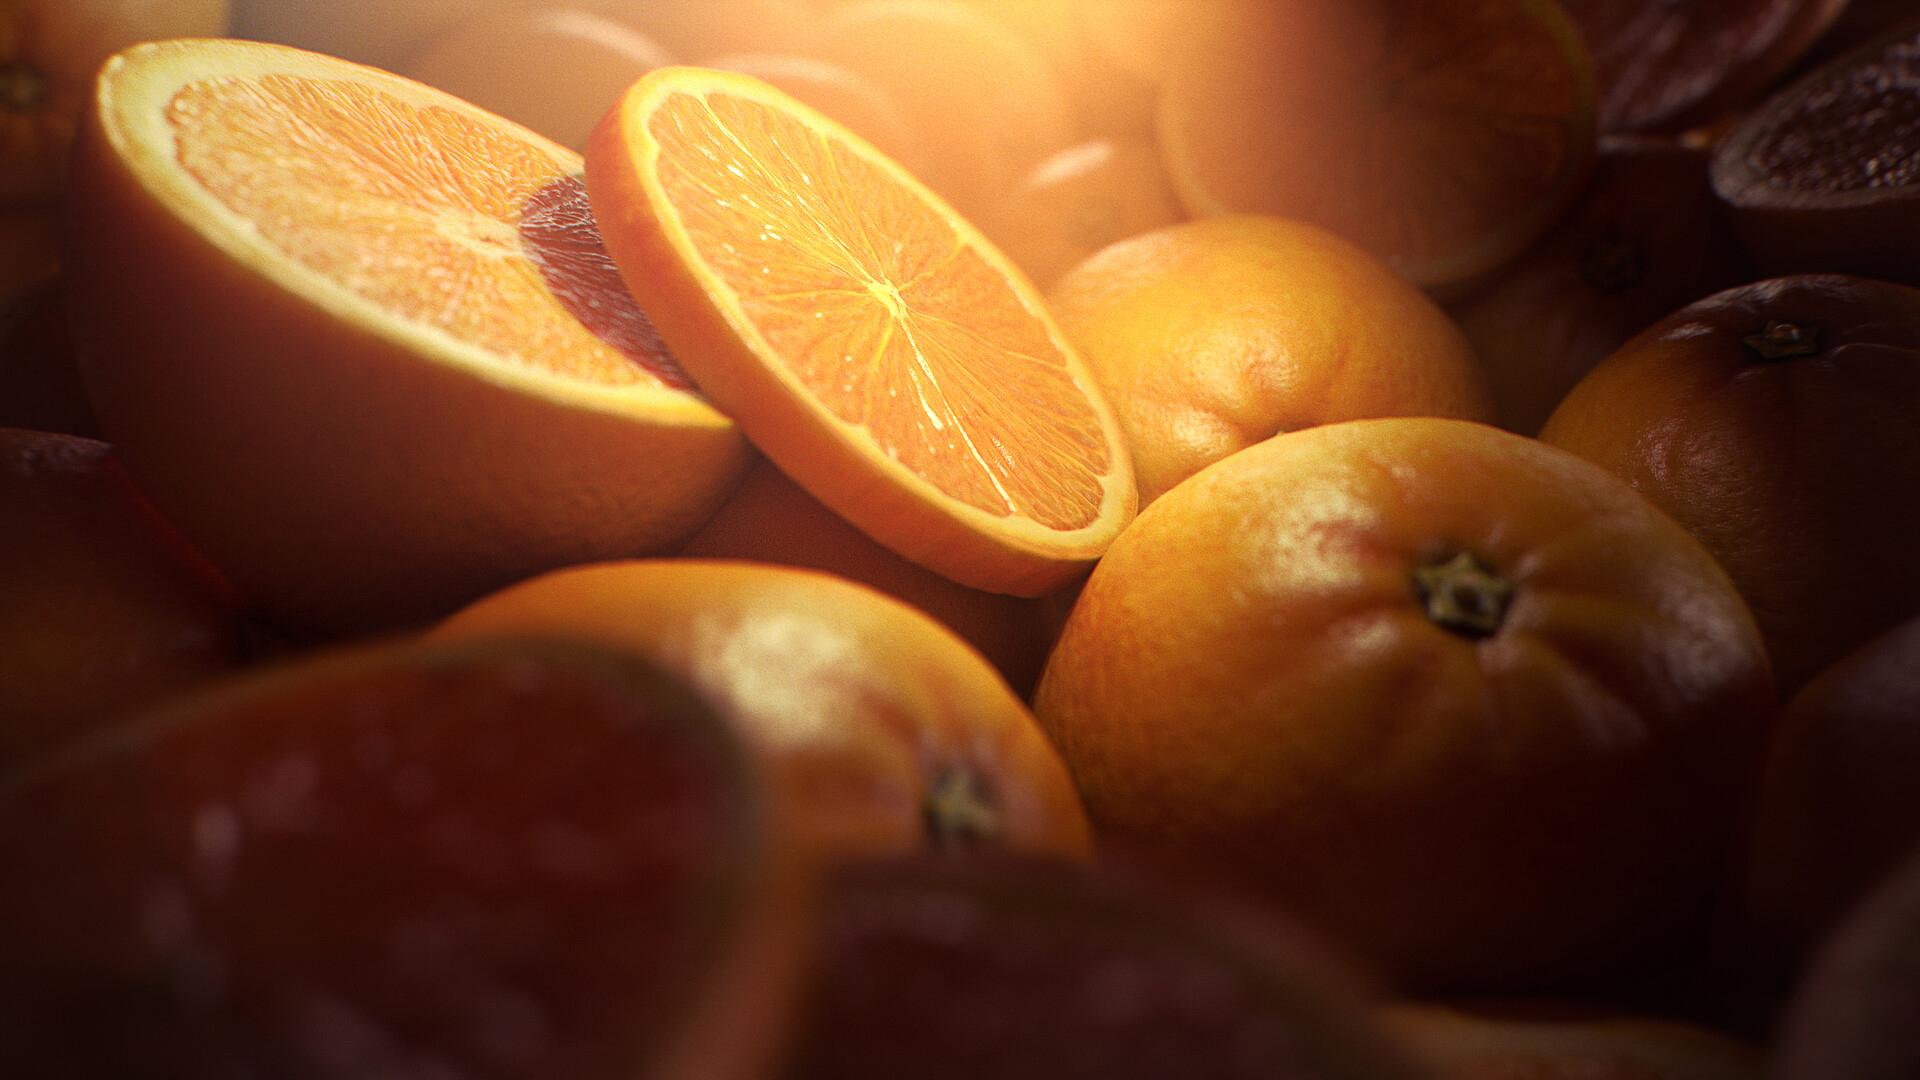 小清新,动感水果,橘子,甜橙